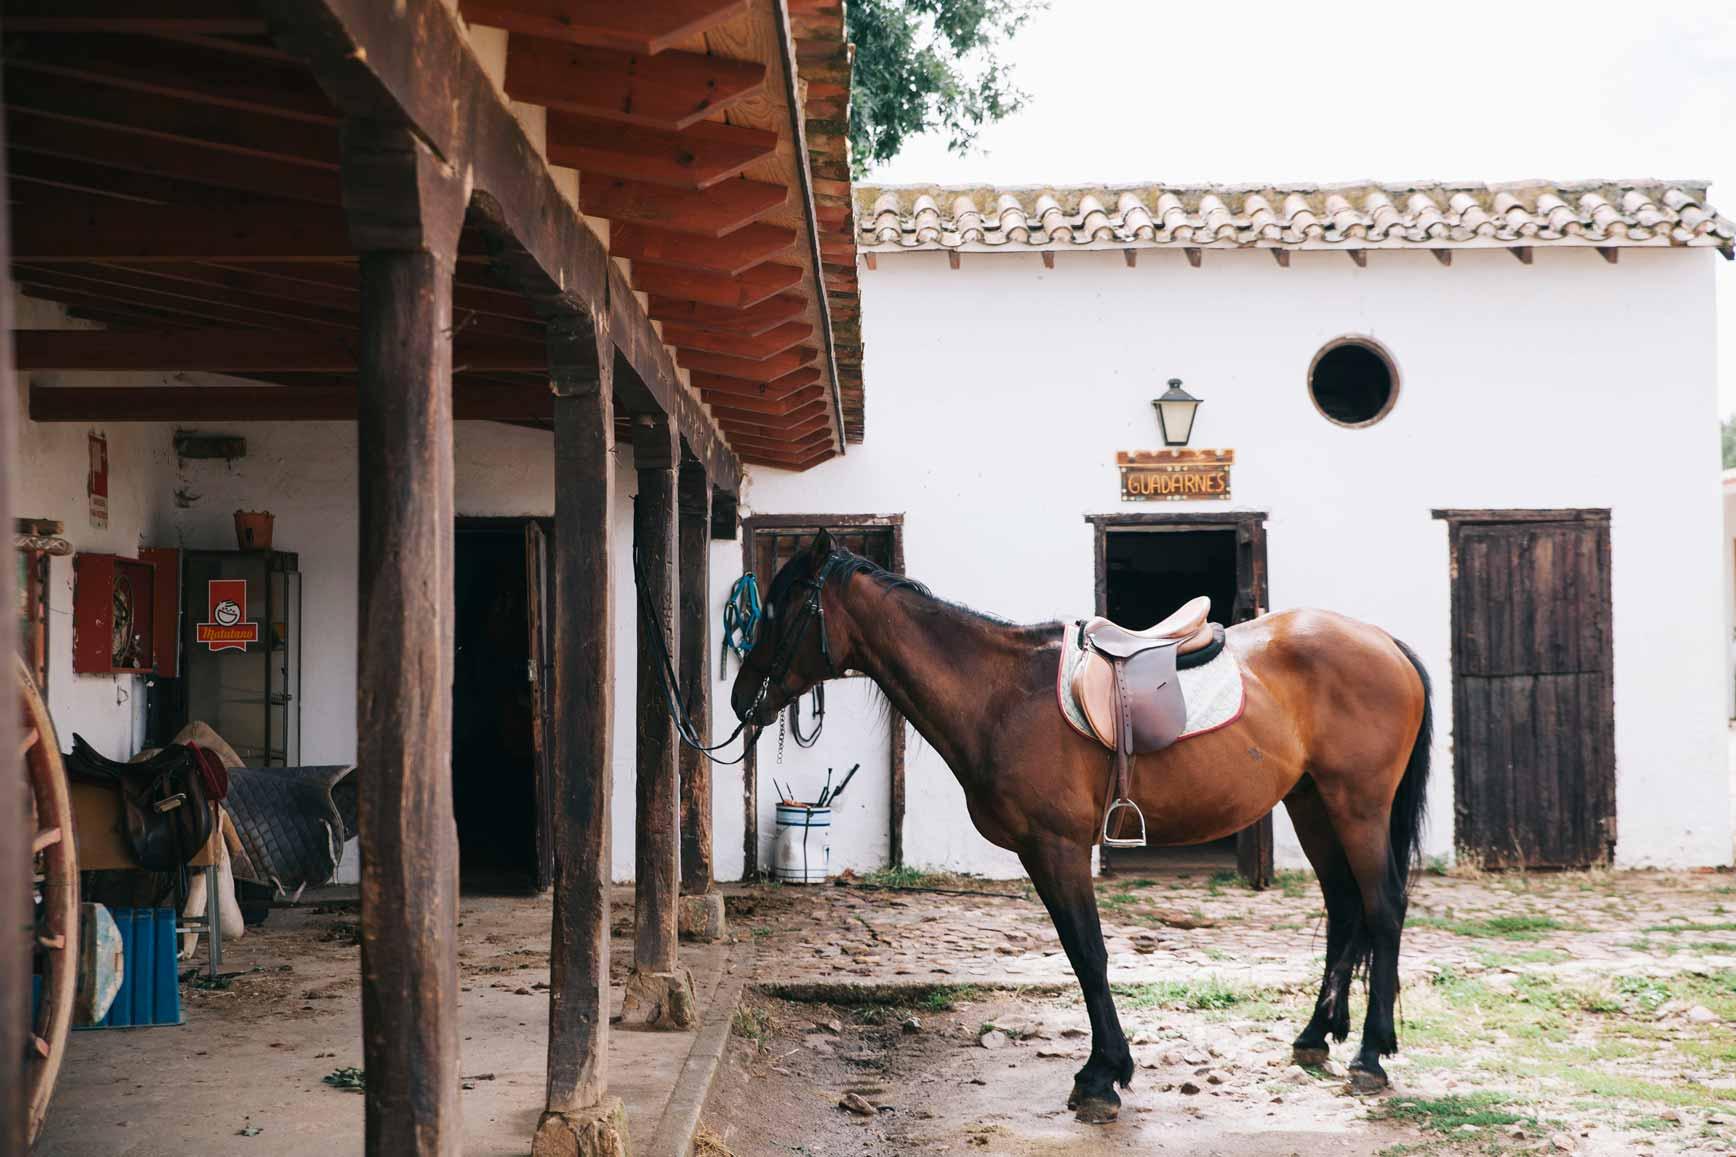 Ruta a Caballo - Caballos La Vereda_claraBmartin_37